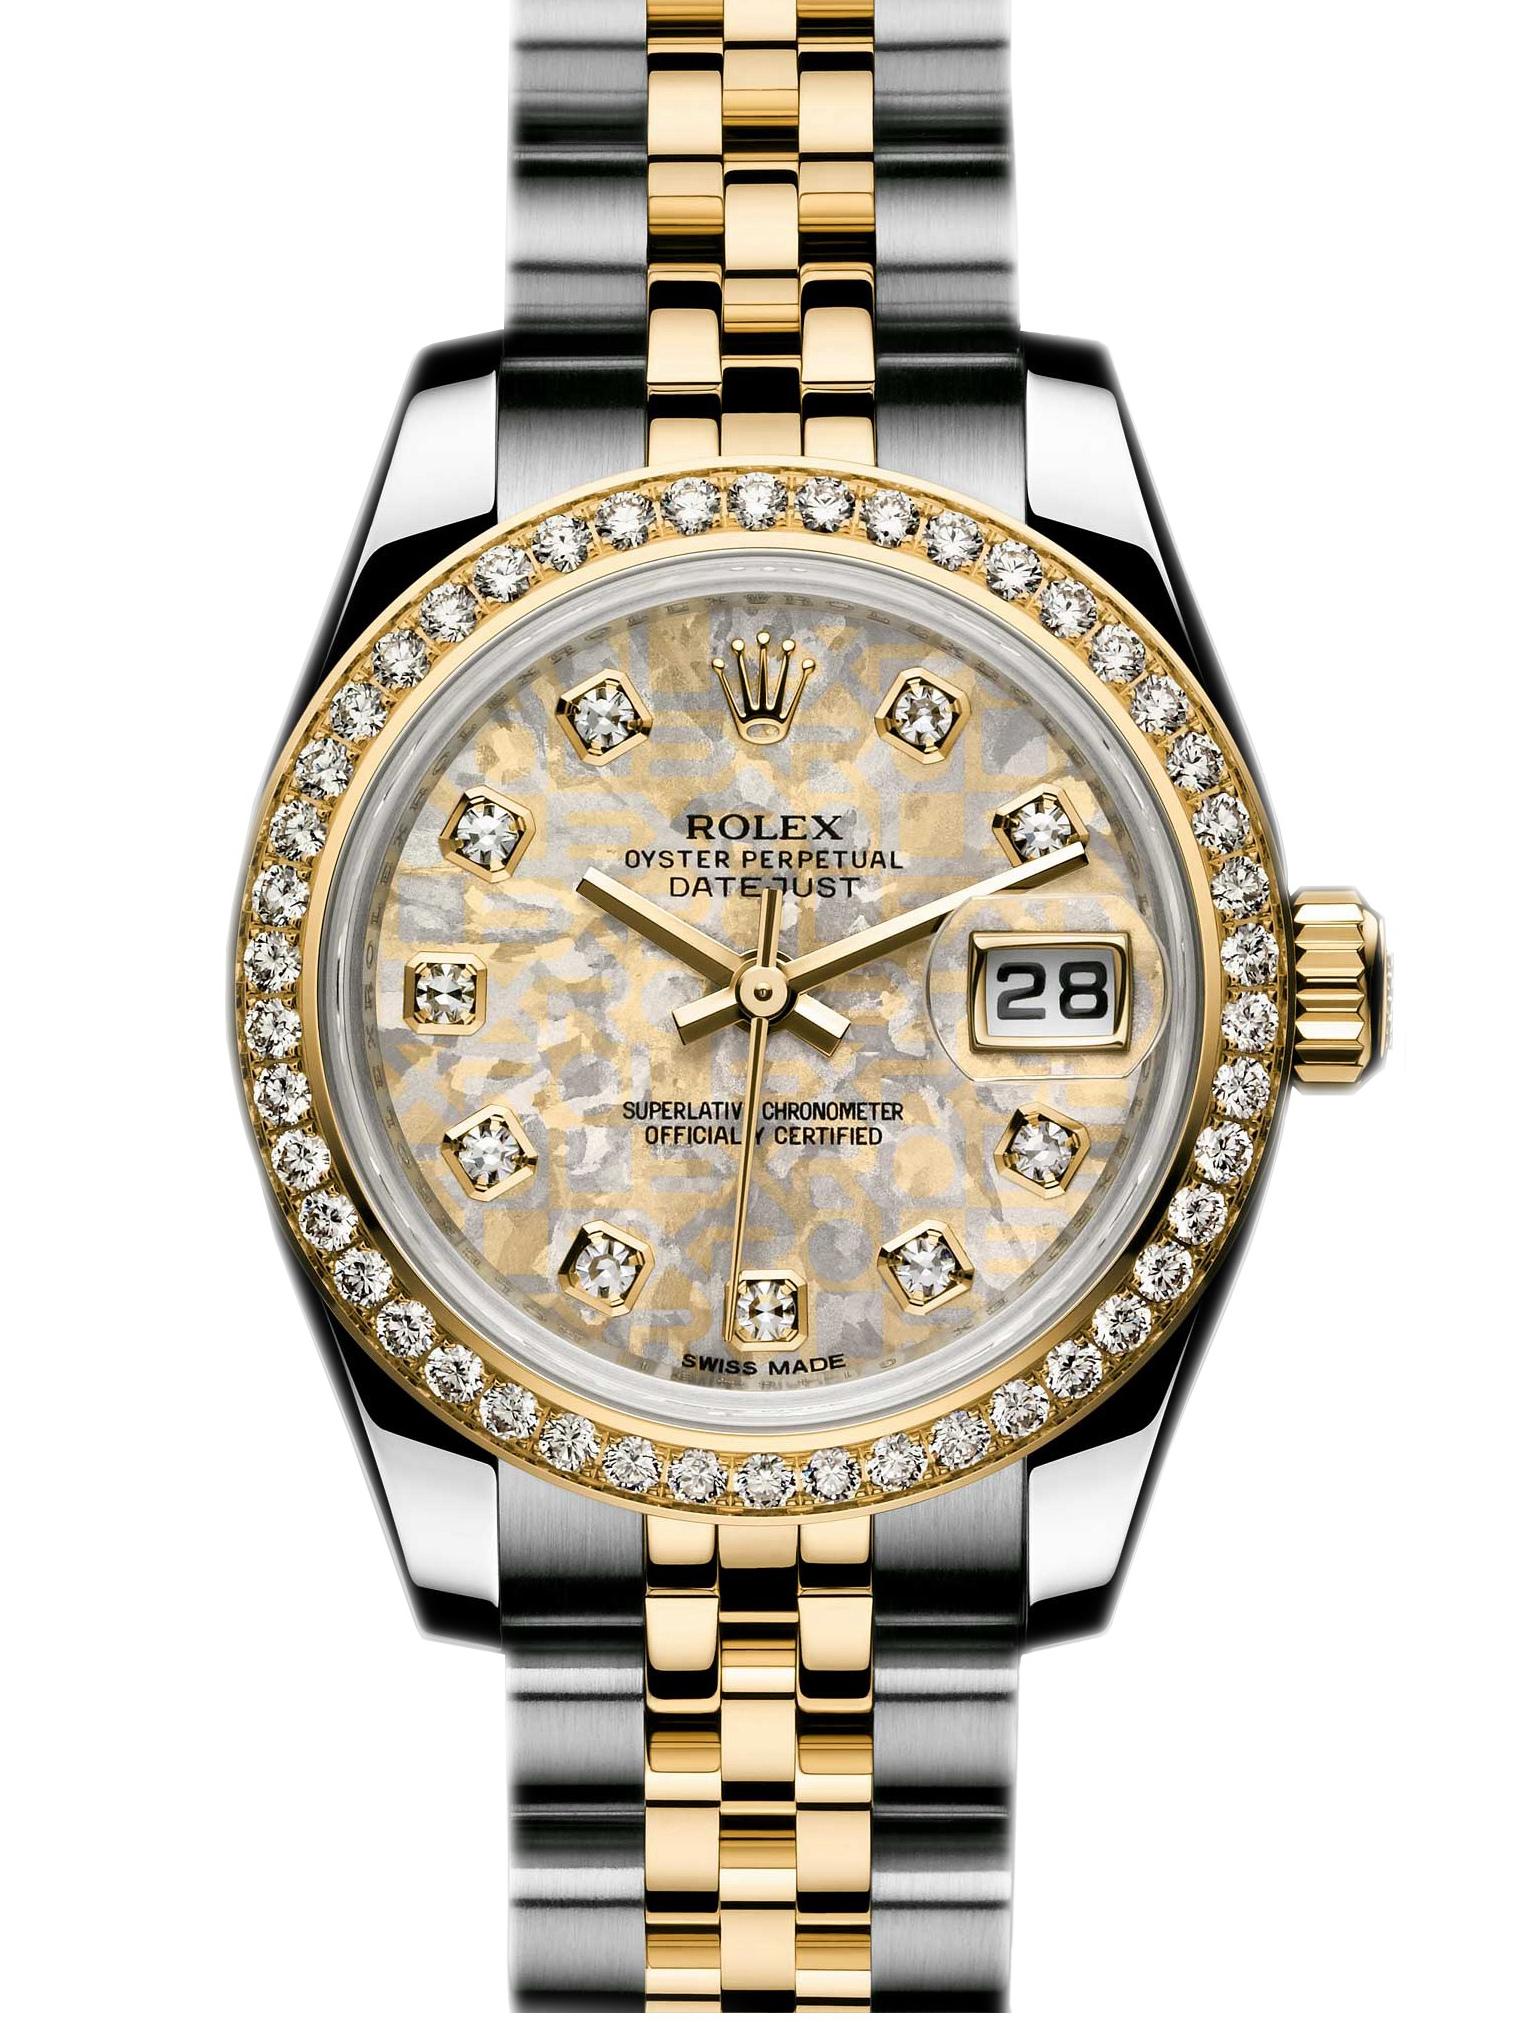 劳力士女装日志型26黄金钢钻圈金晶石面钻标女表179383-0010